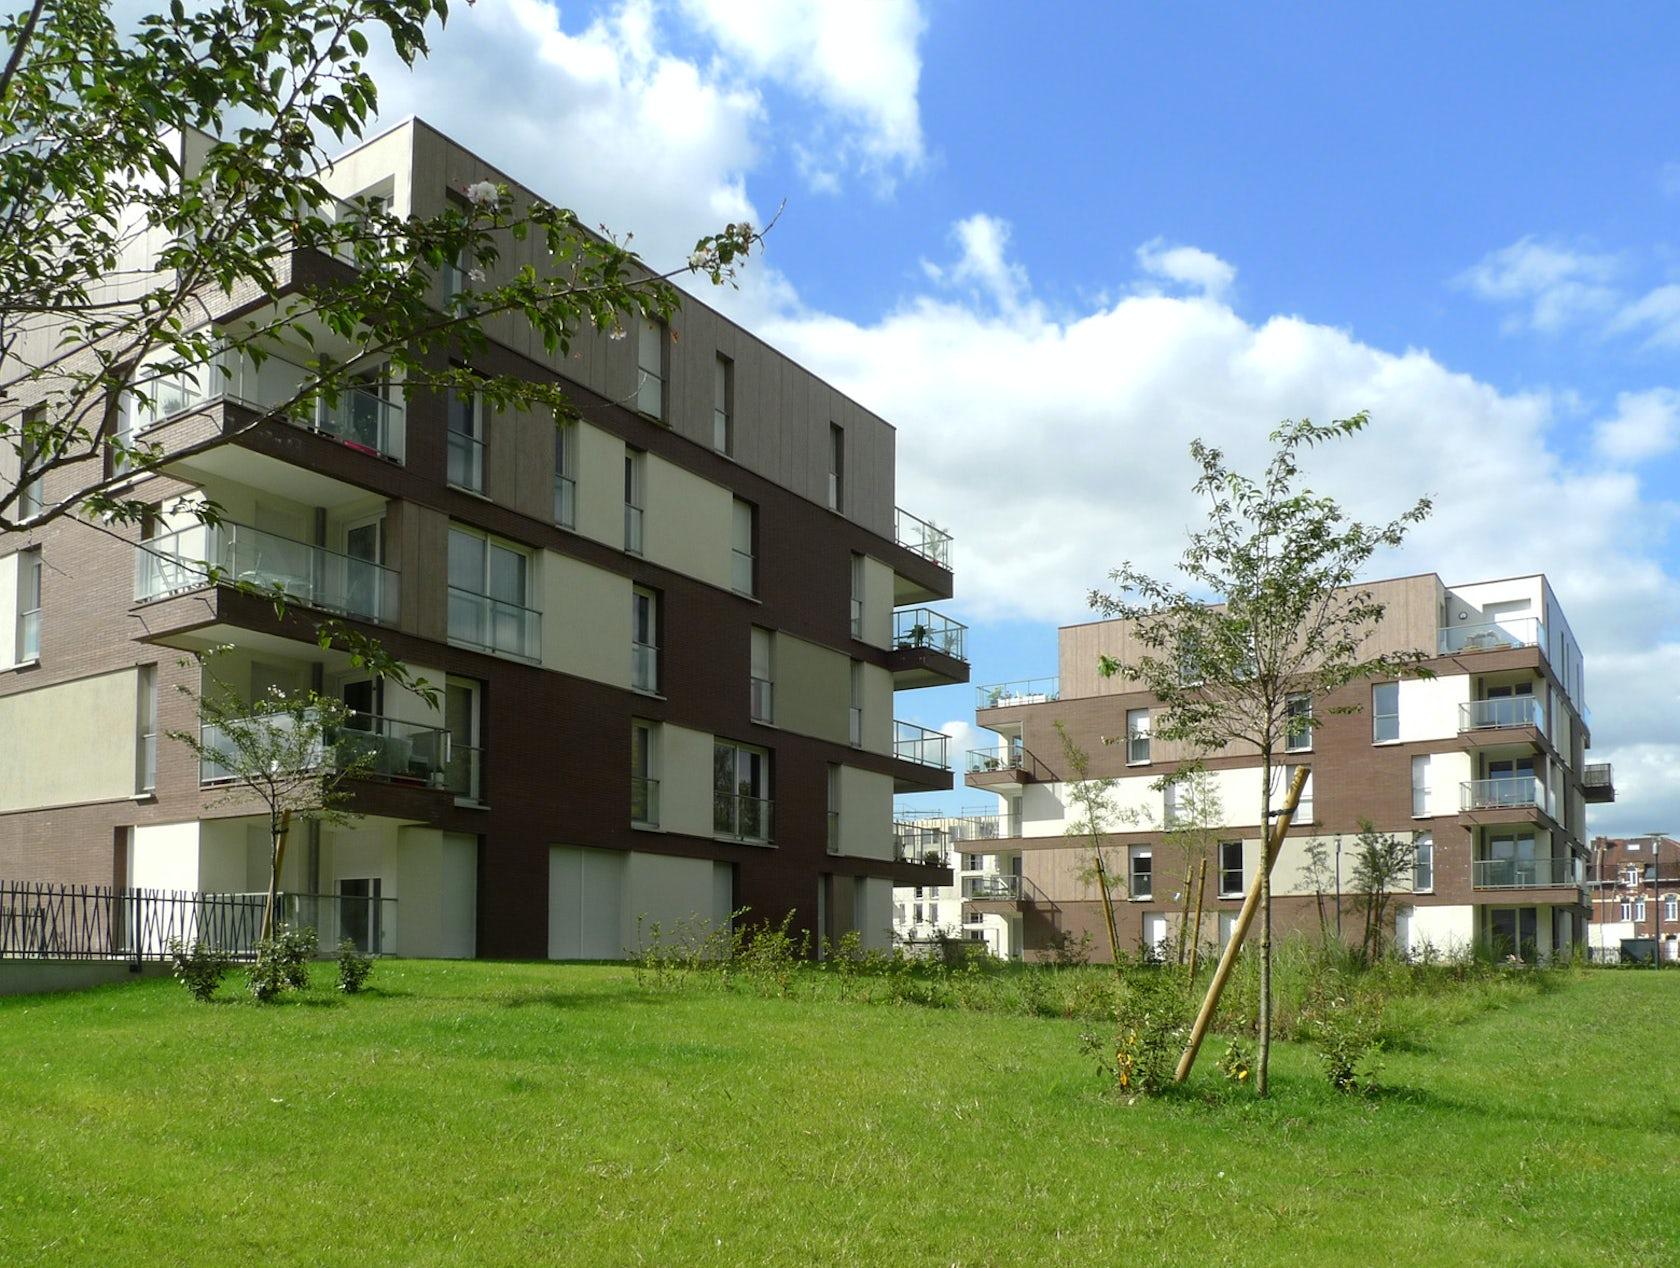 construction de 136 logements collectifs tourcoing architizer. Black Bedroom Furniture Sets. Home Design Ideas